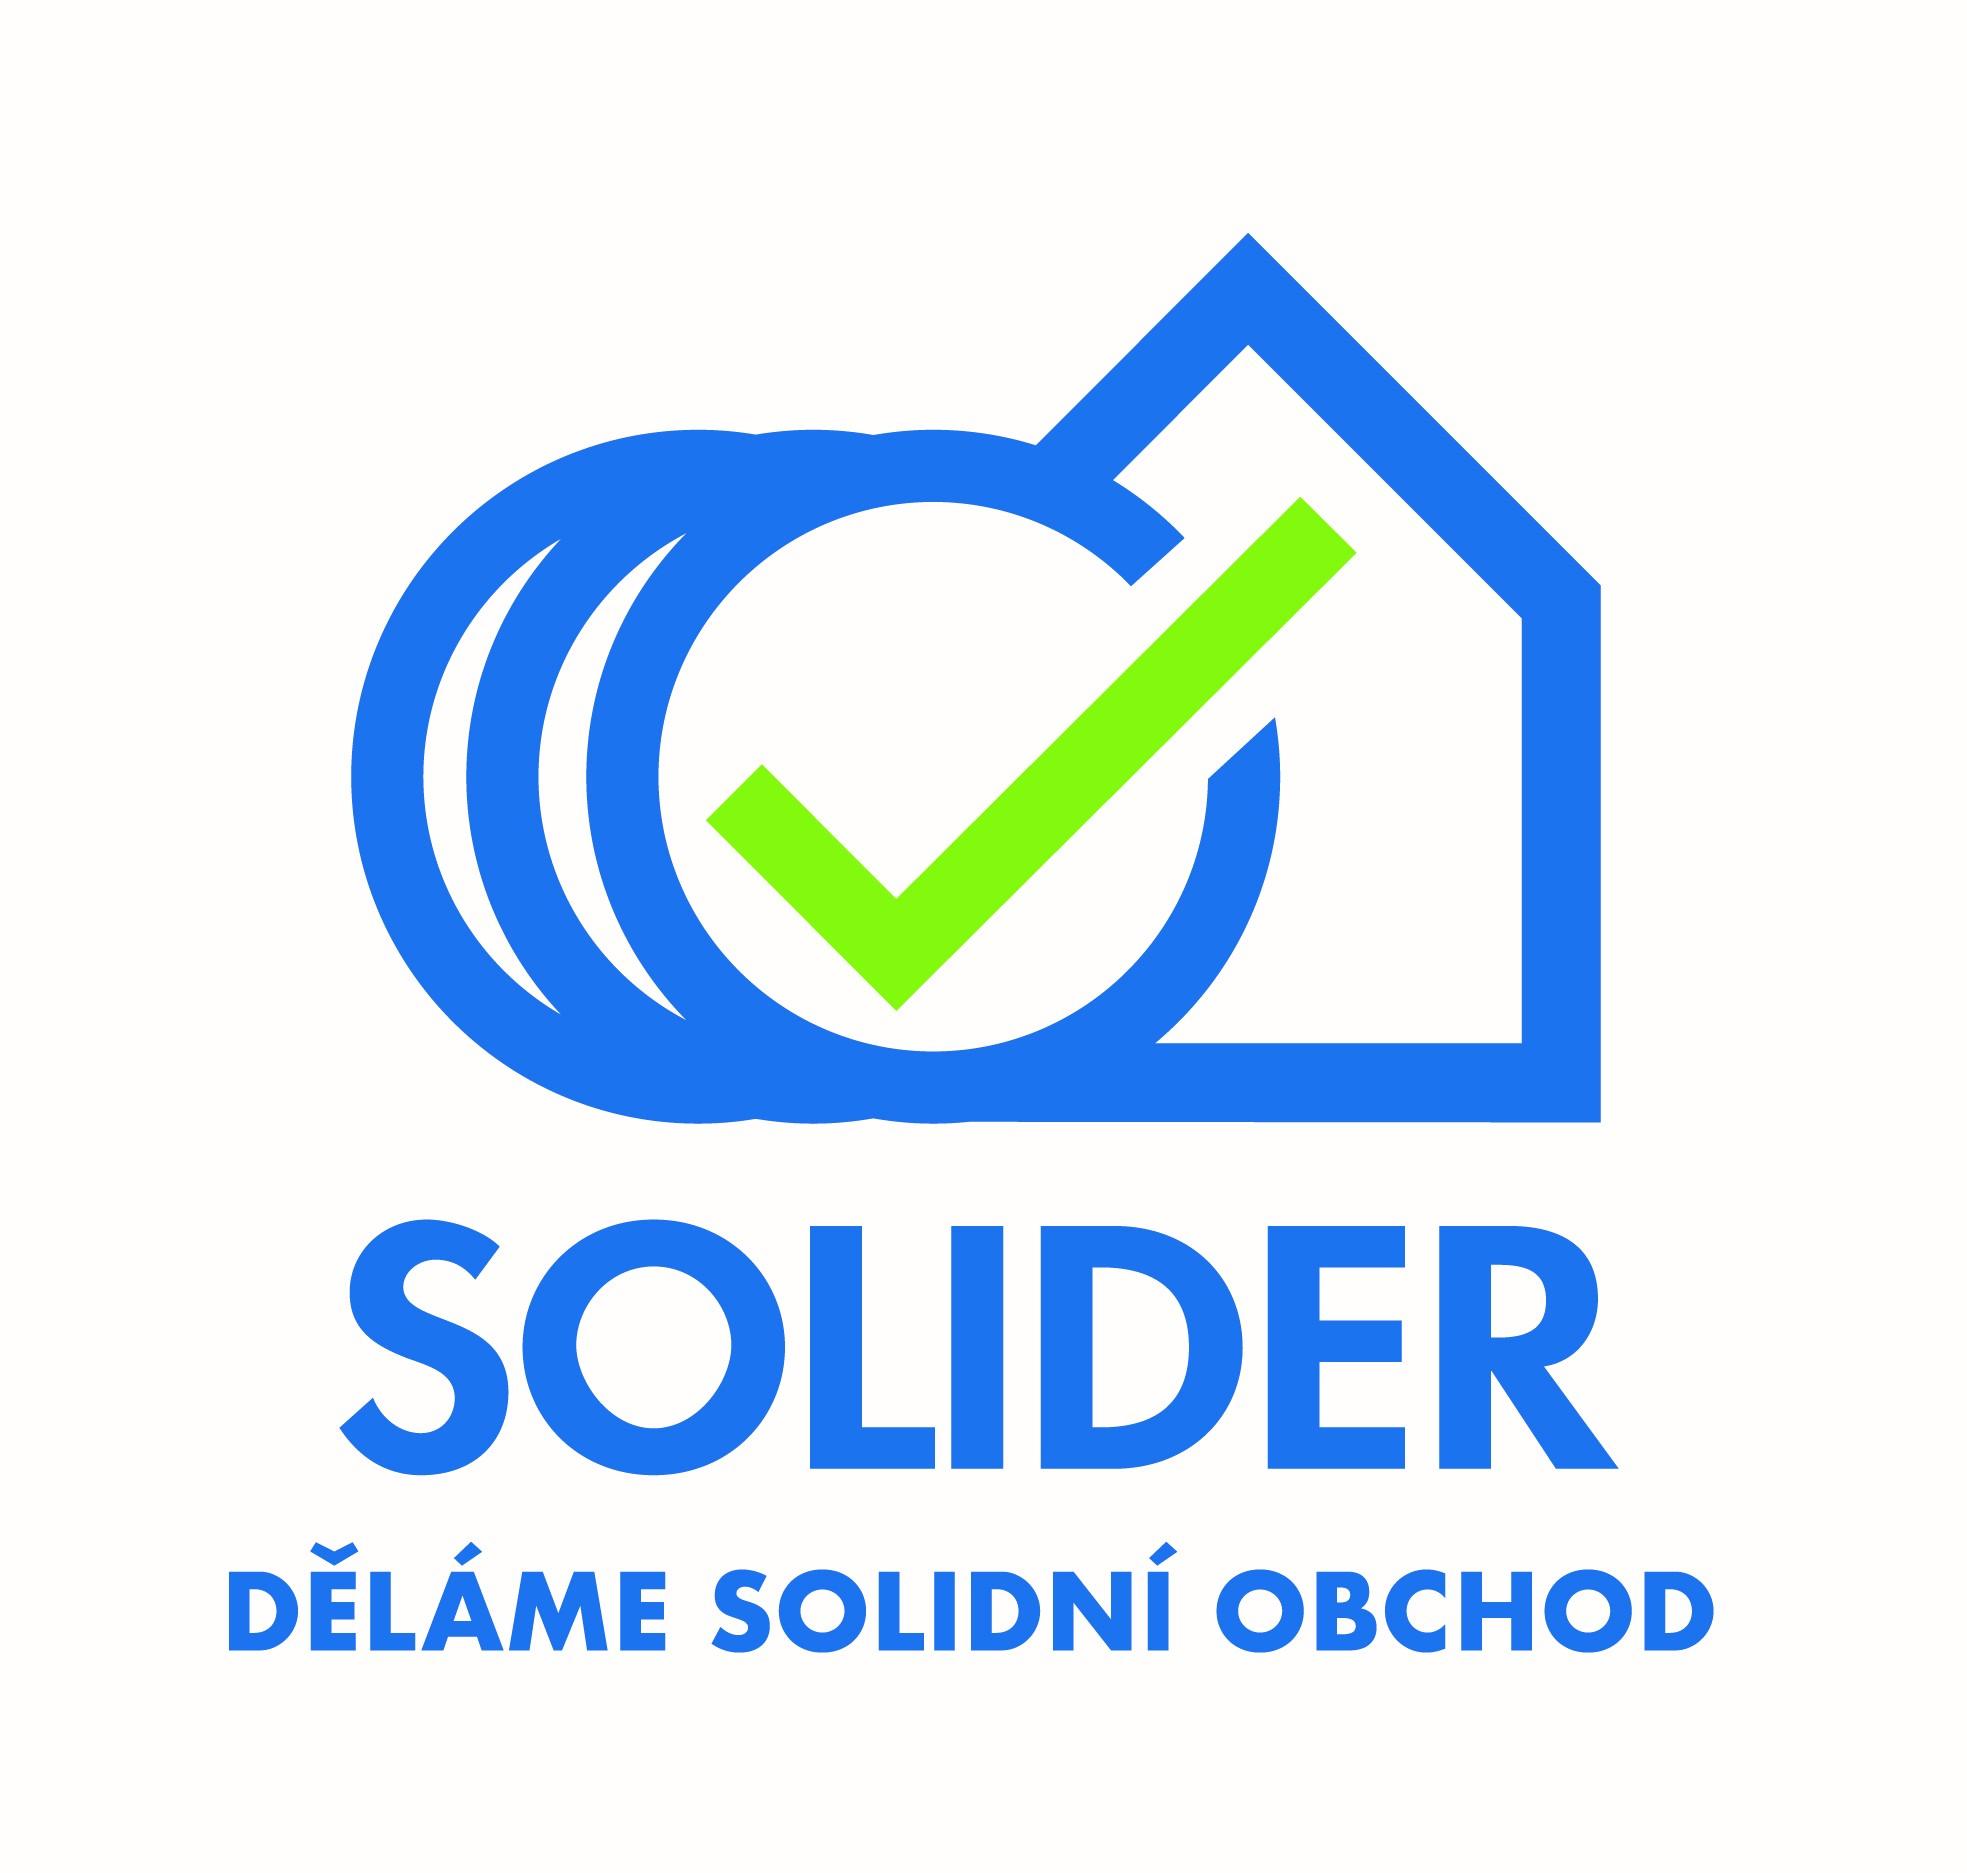 Logo společnosti Solider, nabízející služby rychlého výkupu nemovitostí